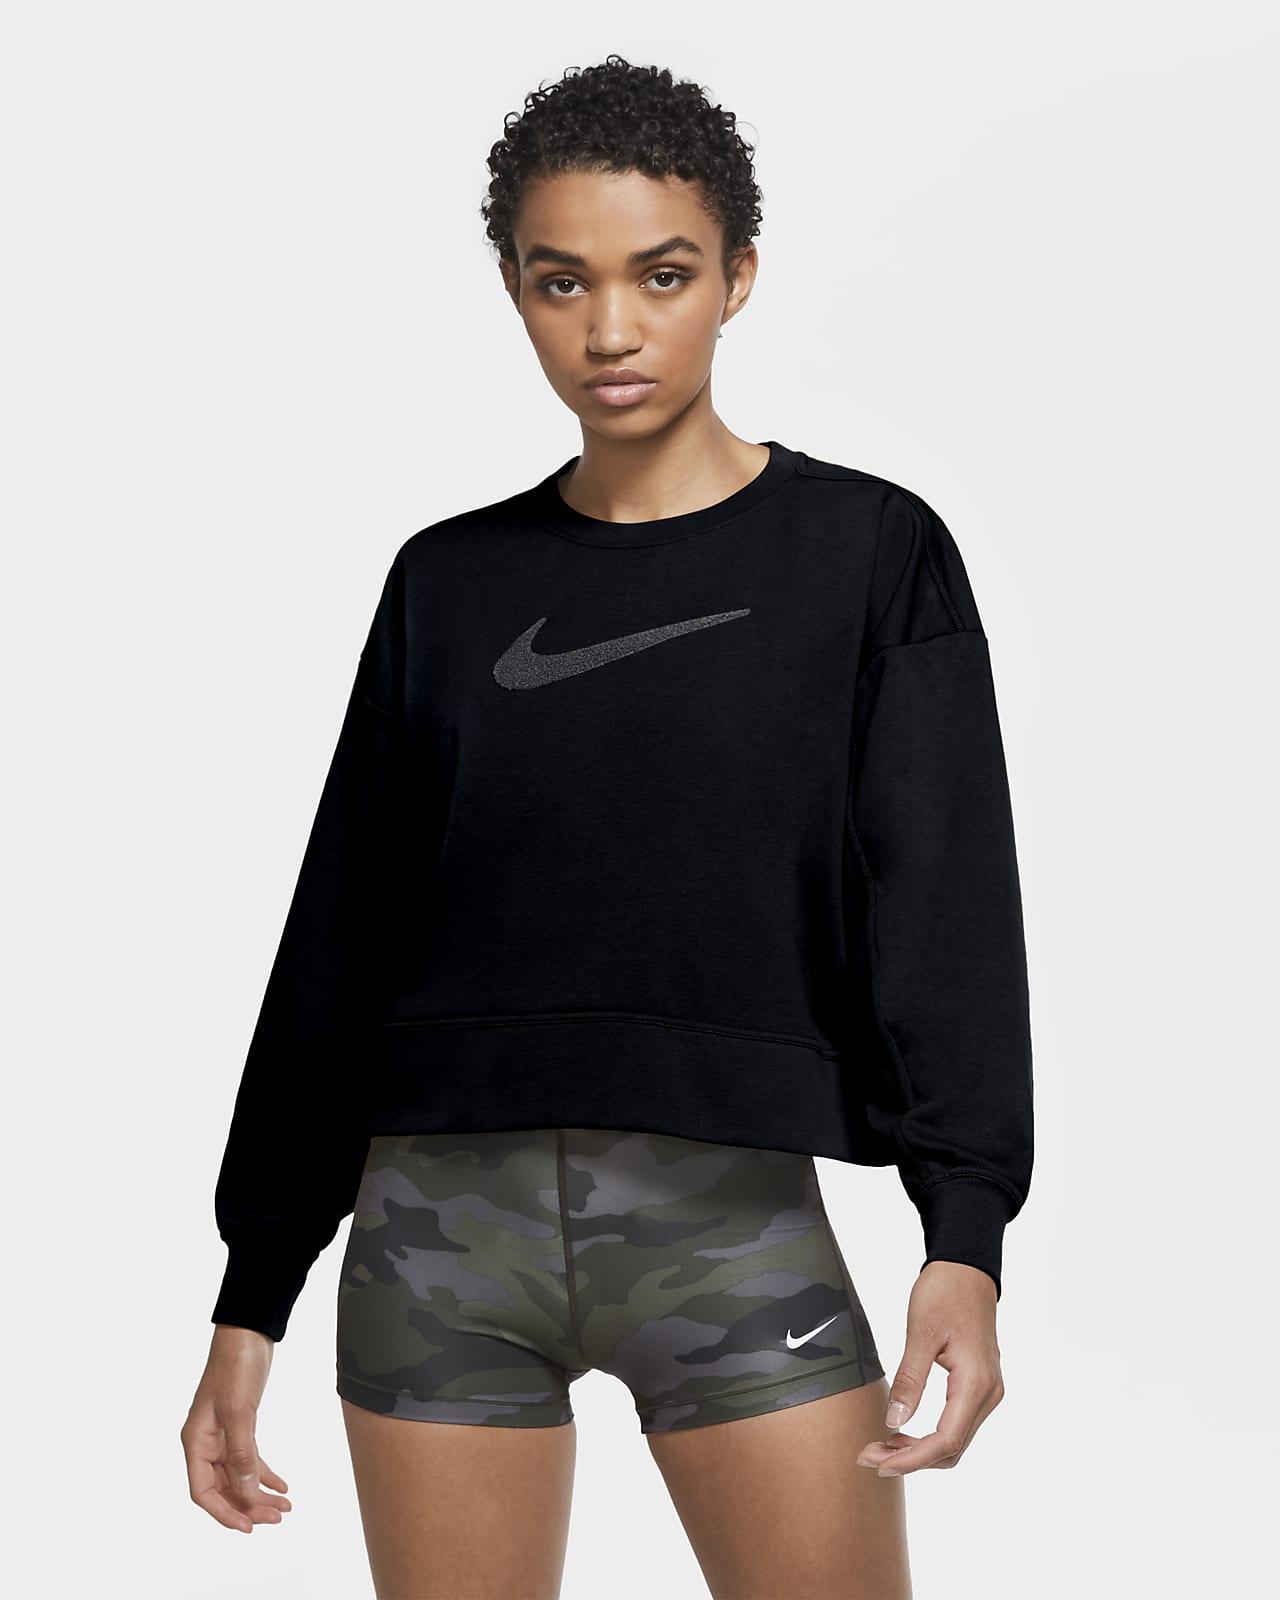 Nike Dri-FIT Get Fit Swoosh-Trainings-Rundhalsshirt für Damen